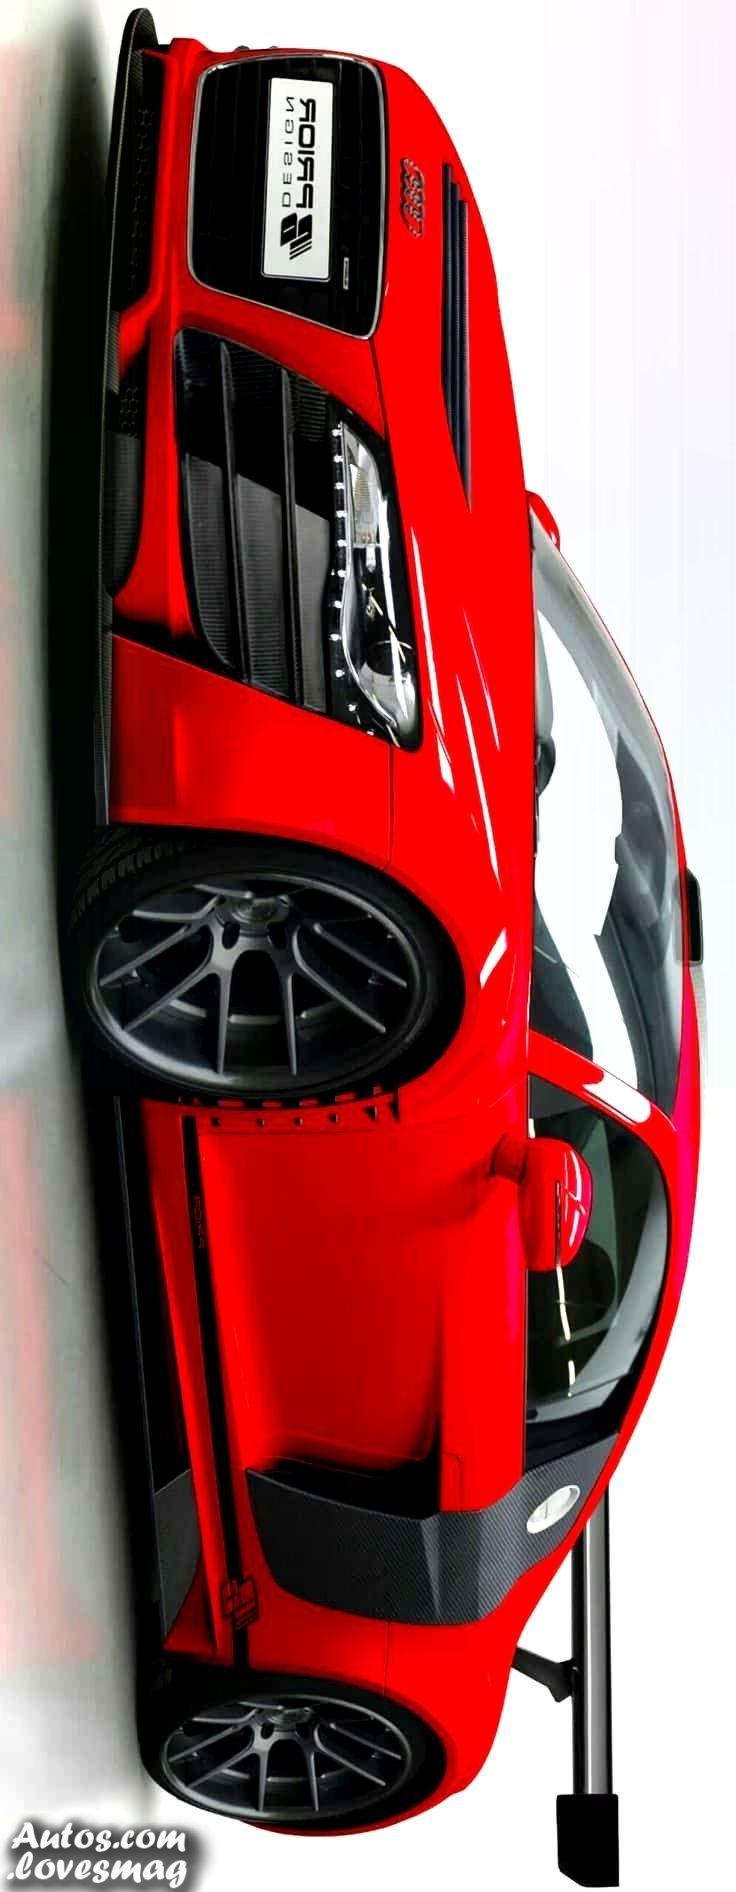 Legendär Exotic Sports Luxusautos 2019  – Exotische Autos – #Autos #exotic #exo…